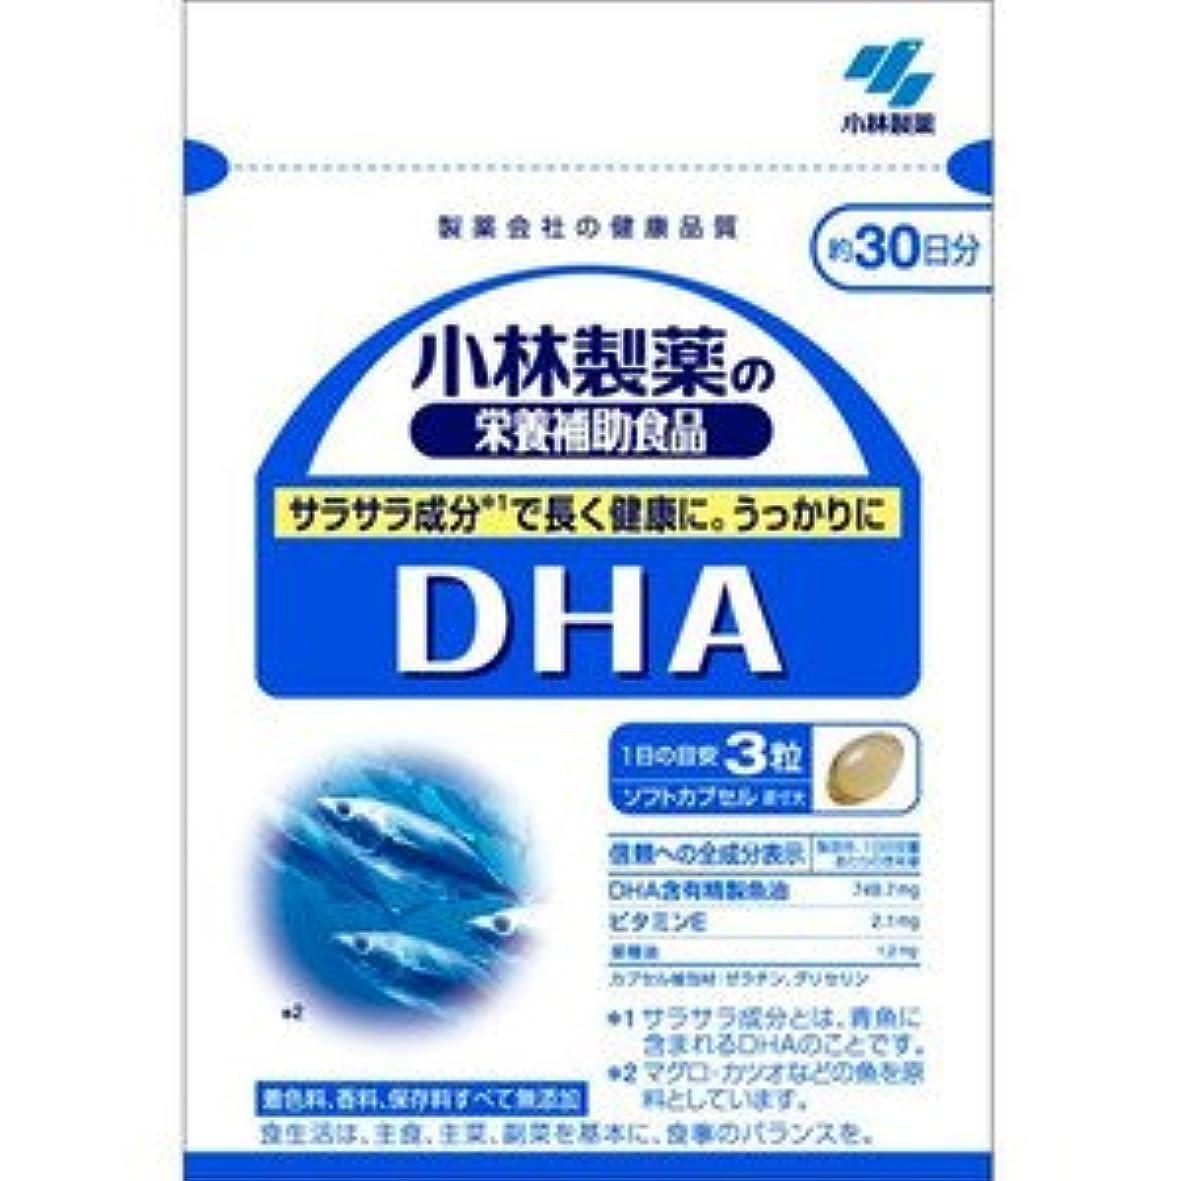 【小林製薬】DHA 90粒(お買い得3個セット)